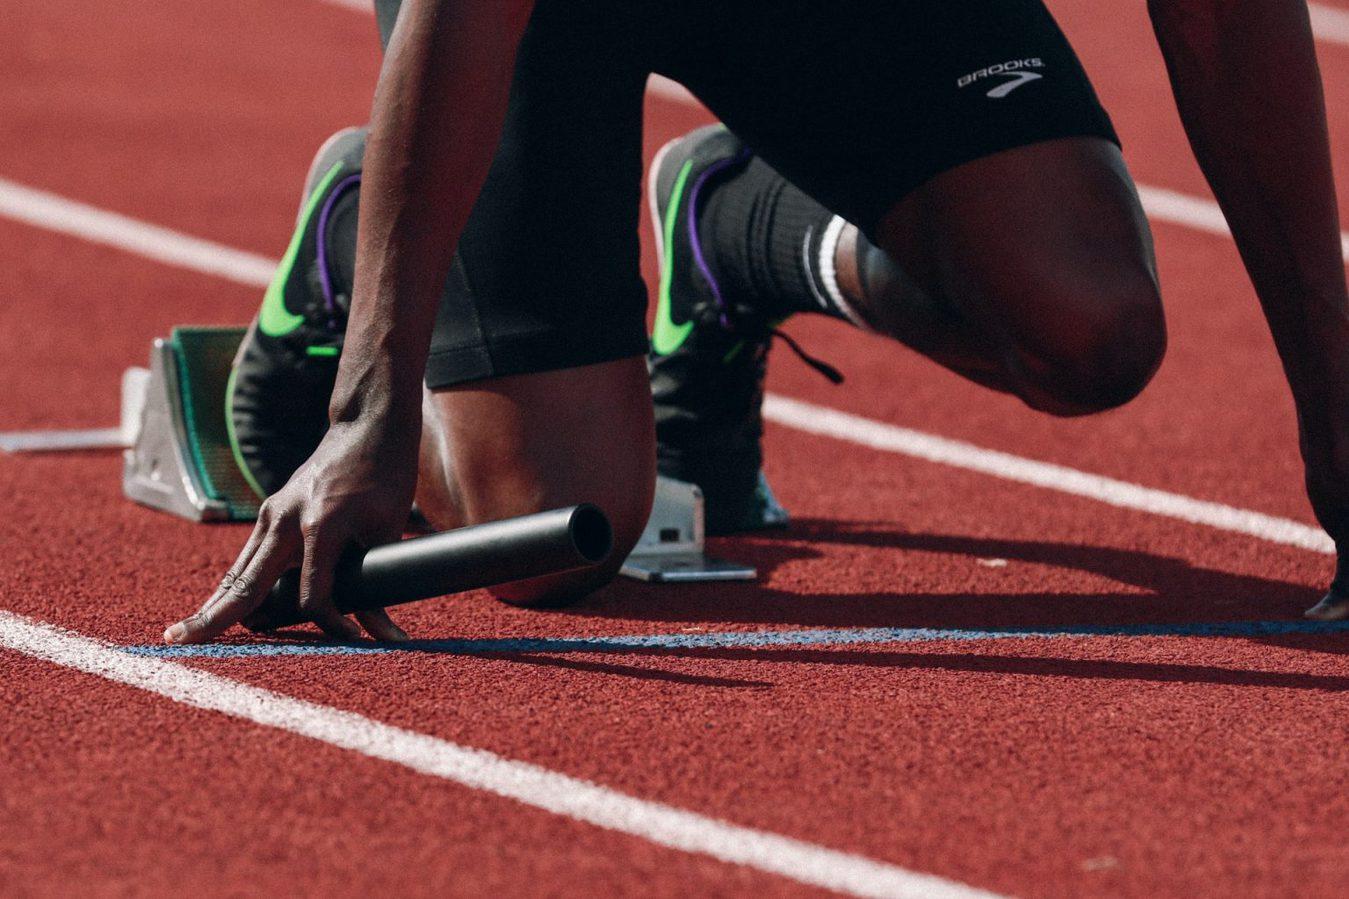 Man preparing for a run, sprint